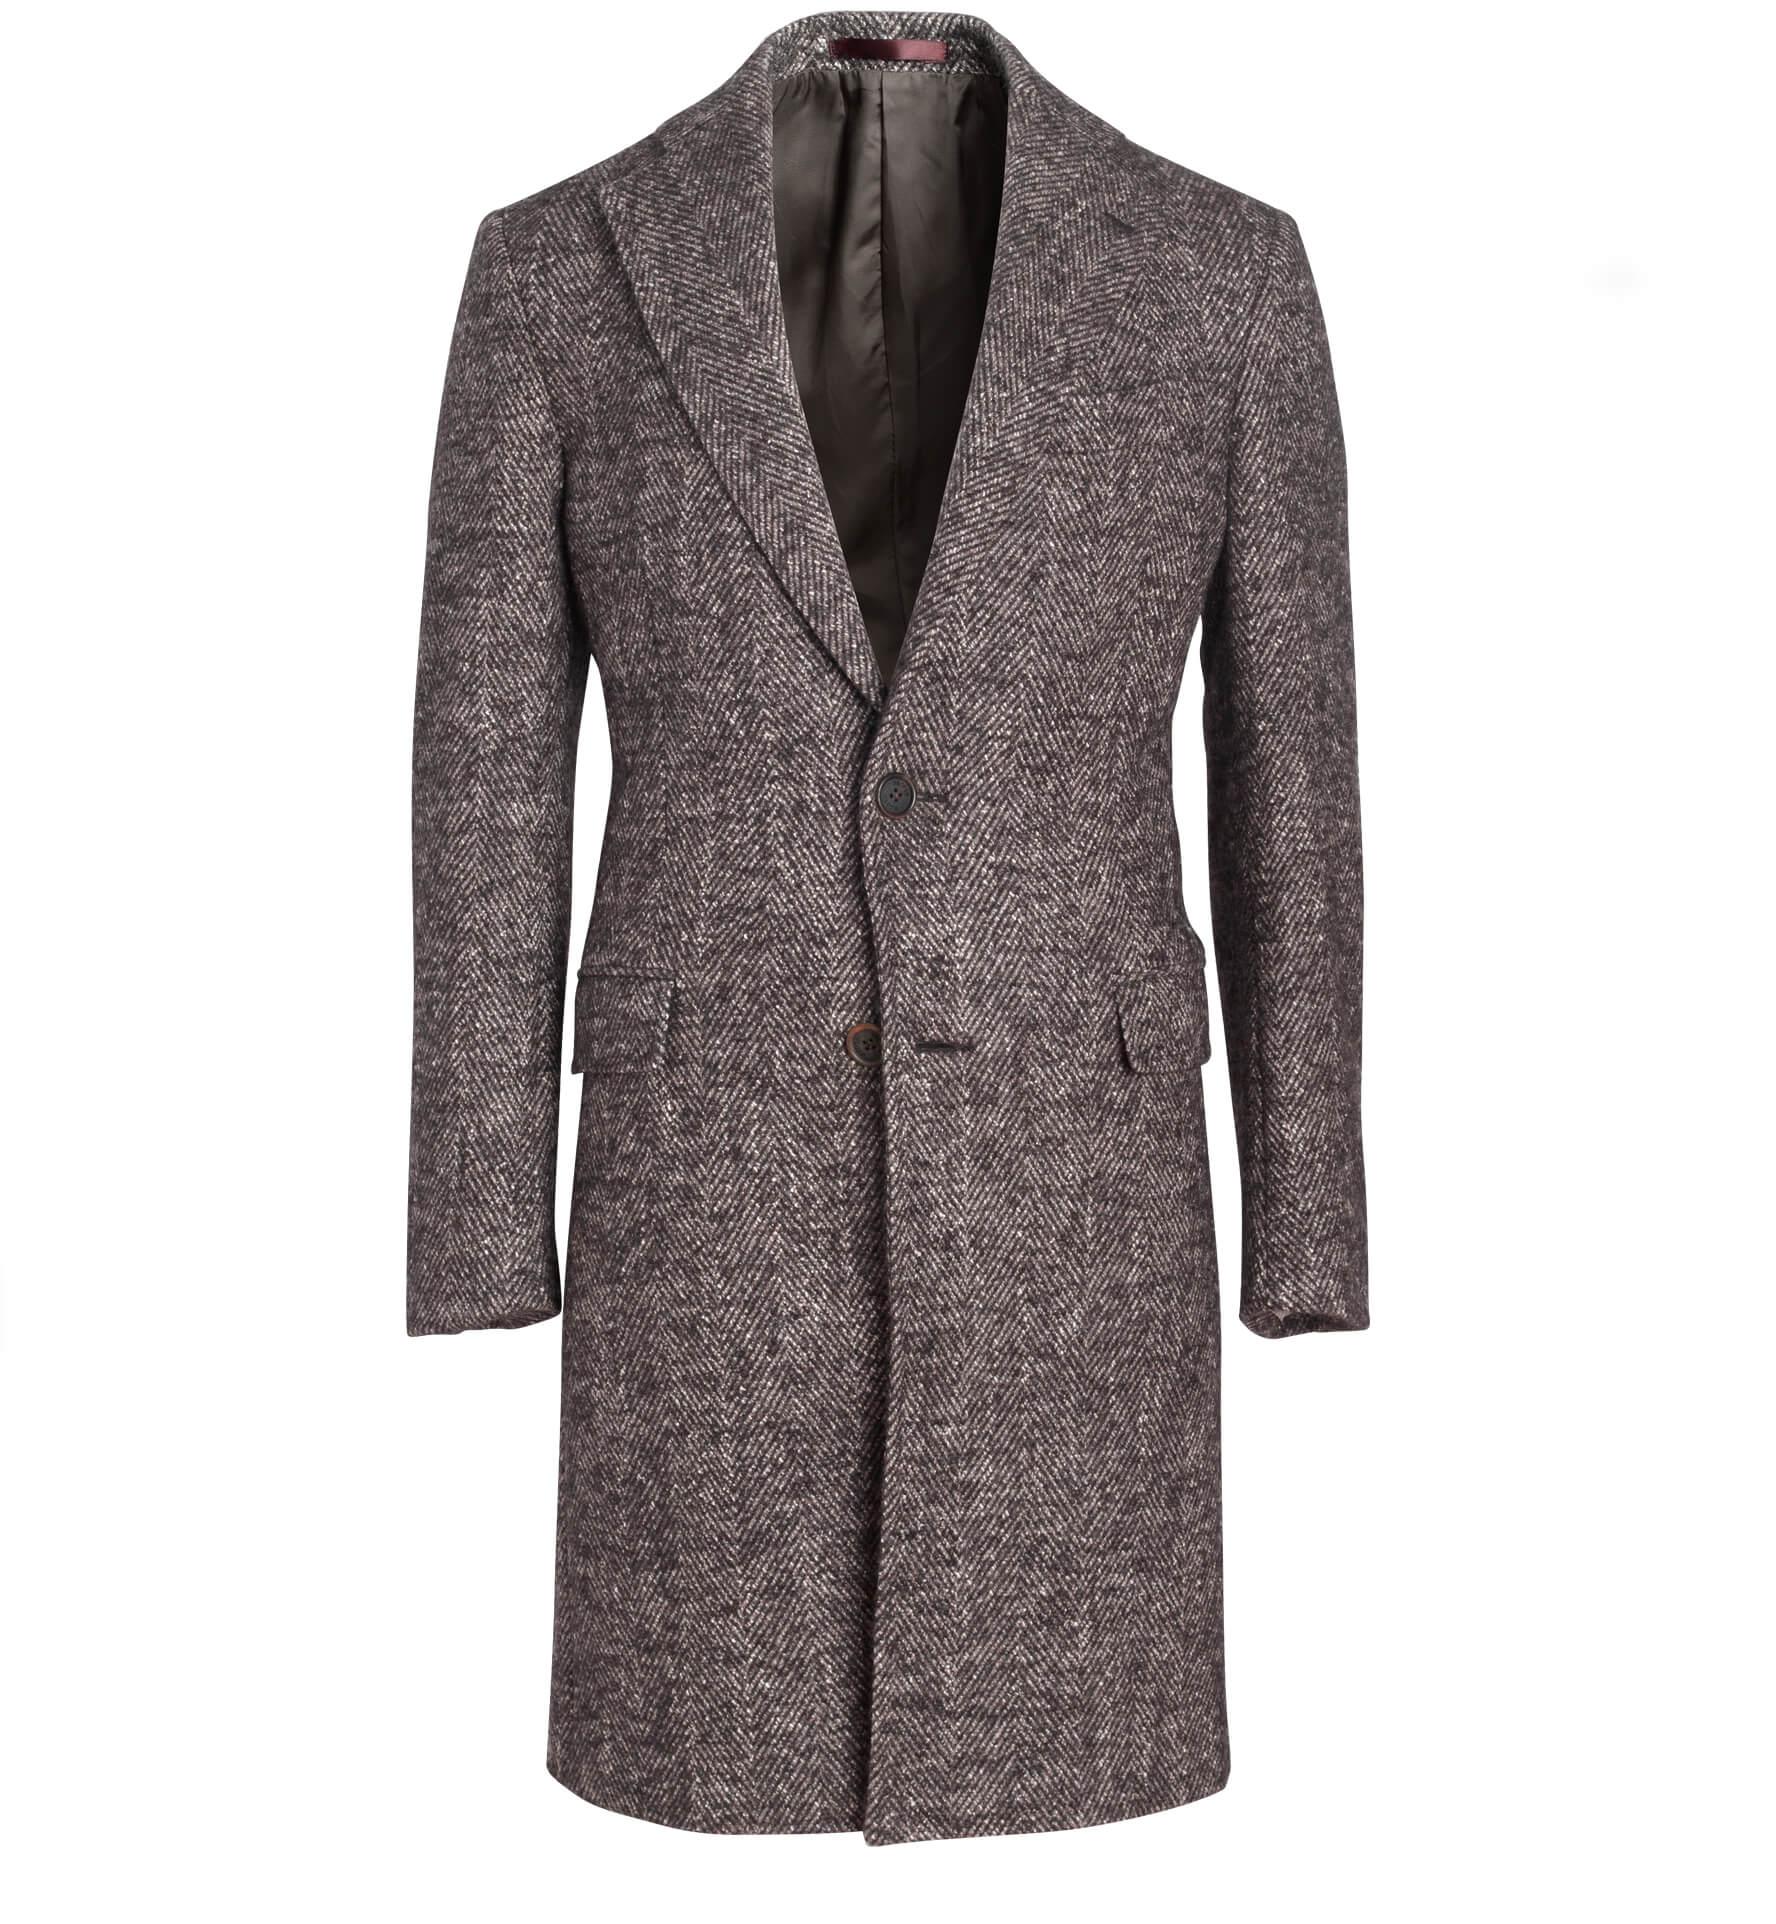 Zoom Image of Bleecker Brown Herringbone Wool and Alpaca Coat